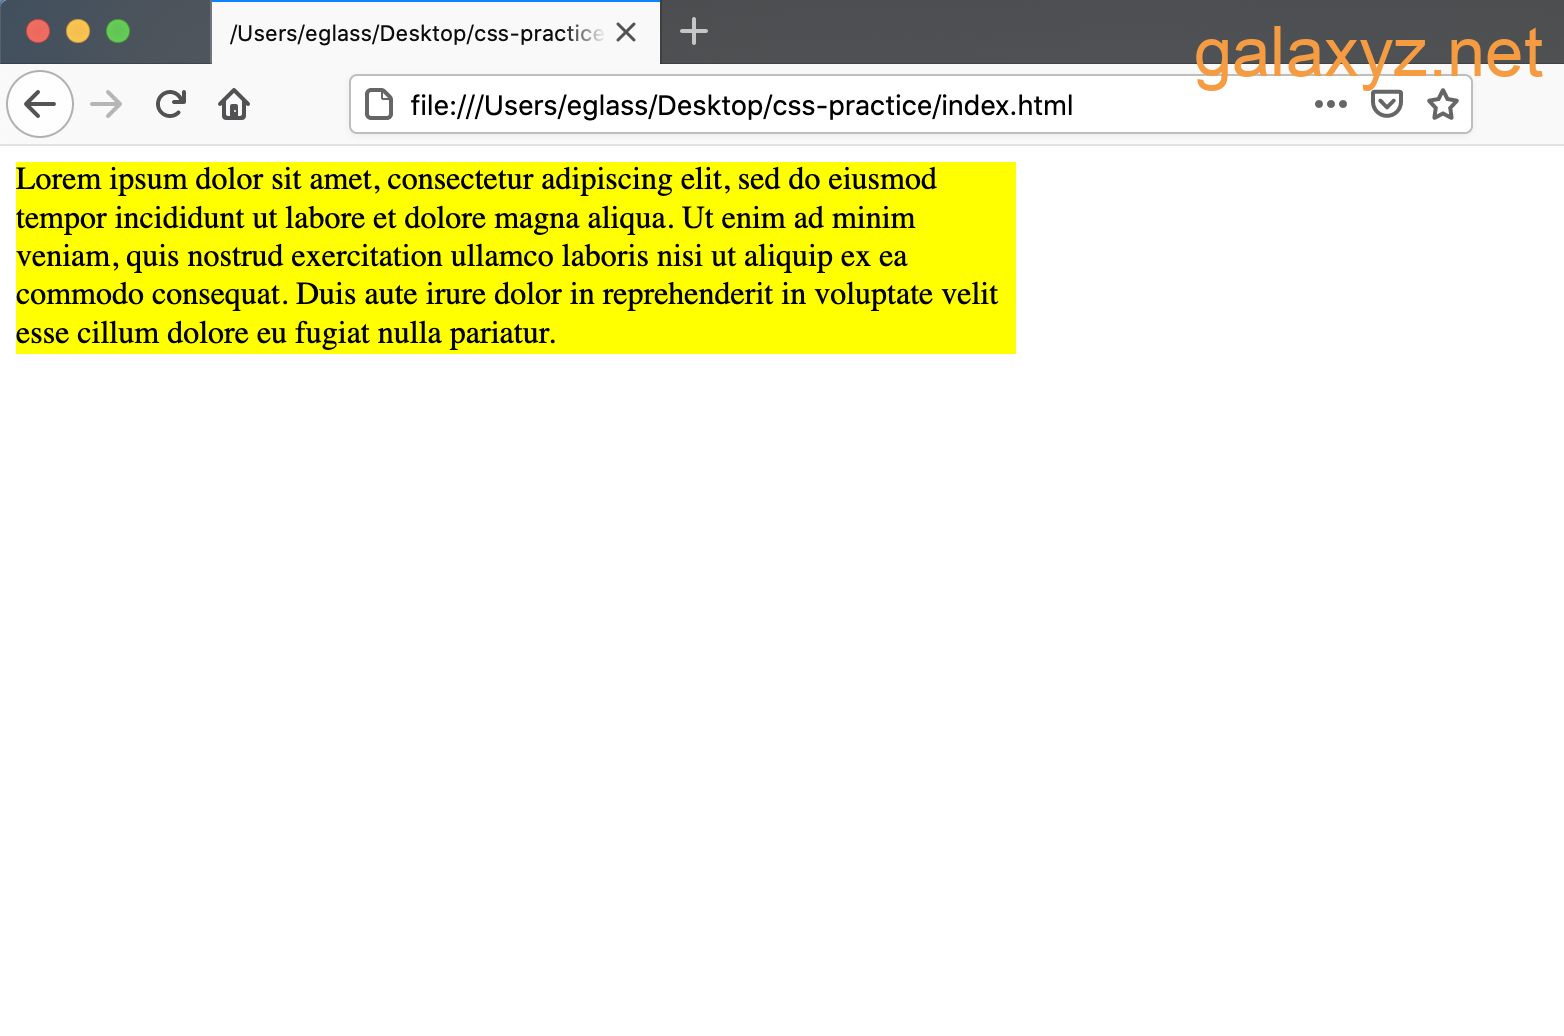 Trang web có containers  văn bản `div` rộng 500 pixel